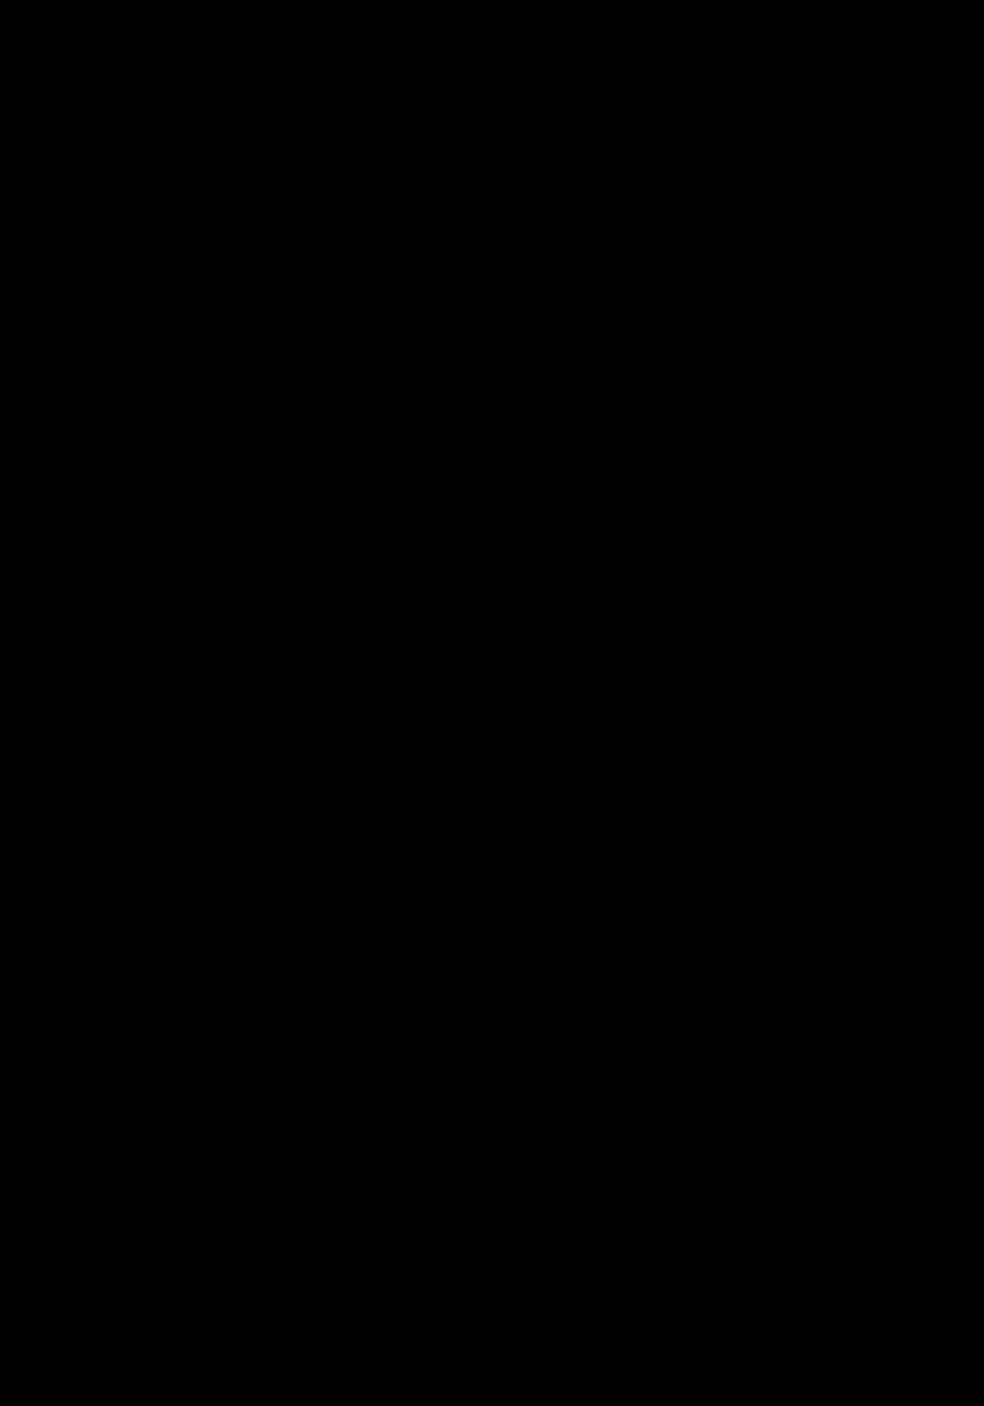 アンチック(大見出し) KE-A 縦組見本